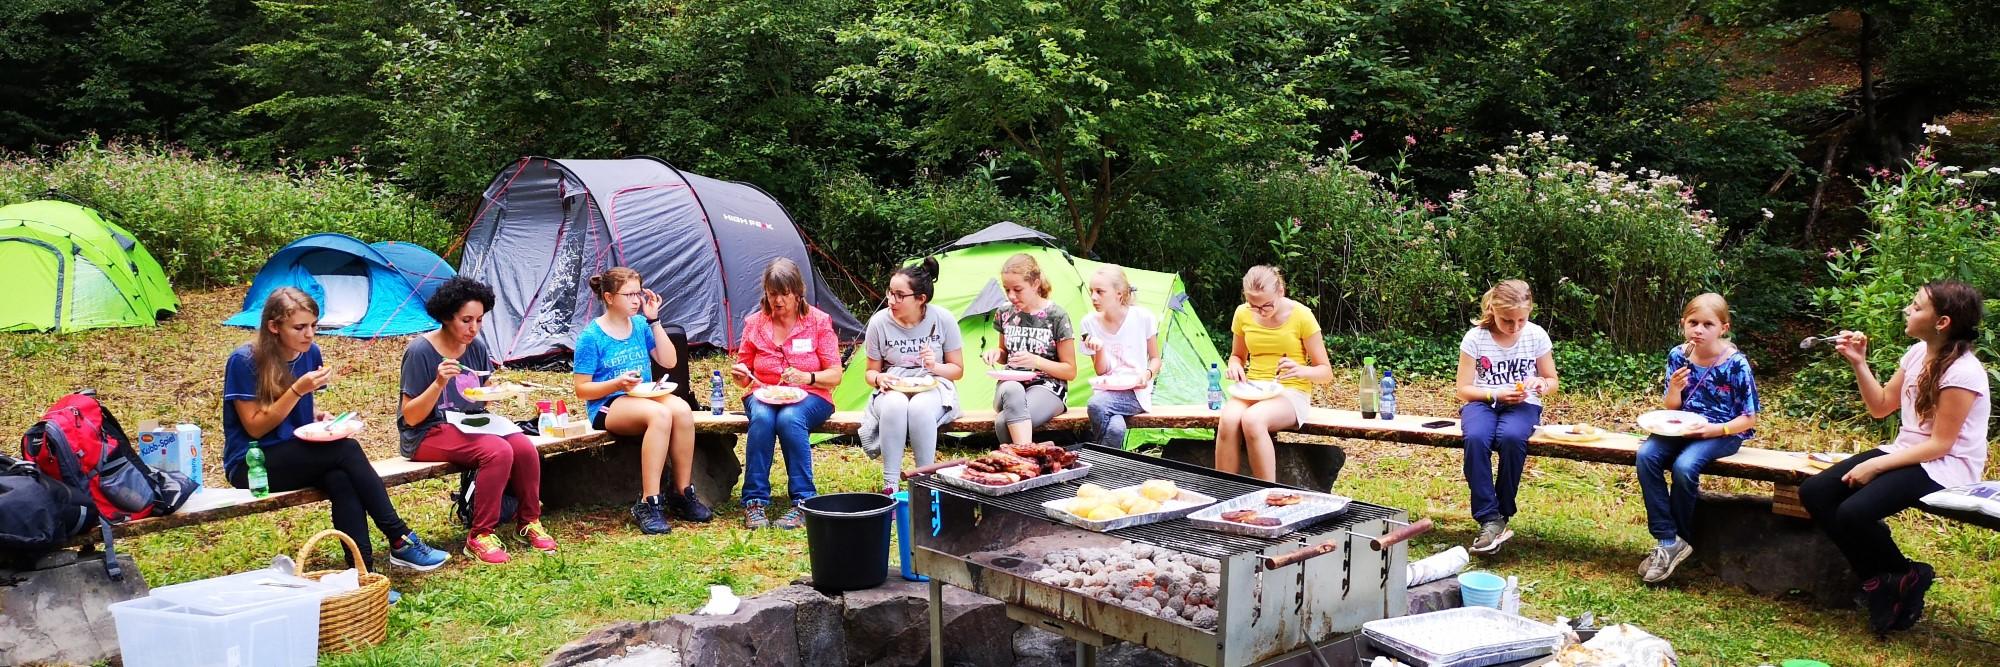 Kinder Sitzen auf einer Bank auf einem Zeltplatz und essen